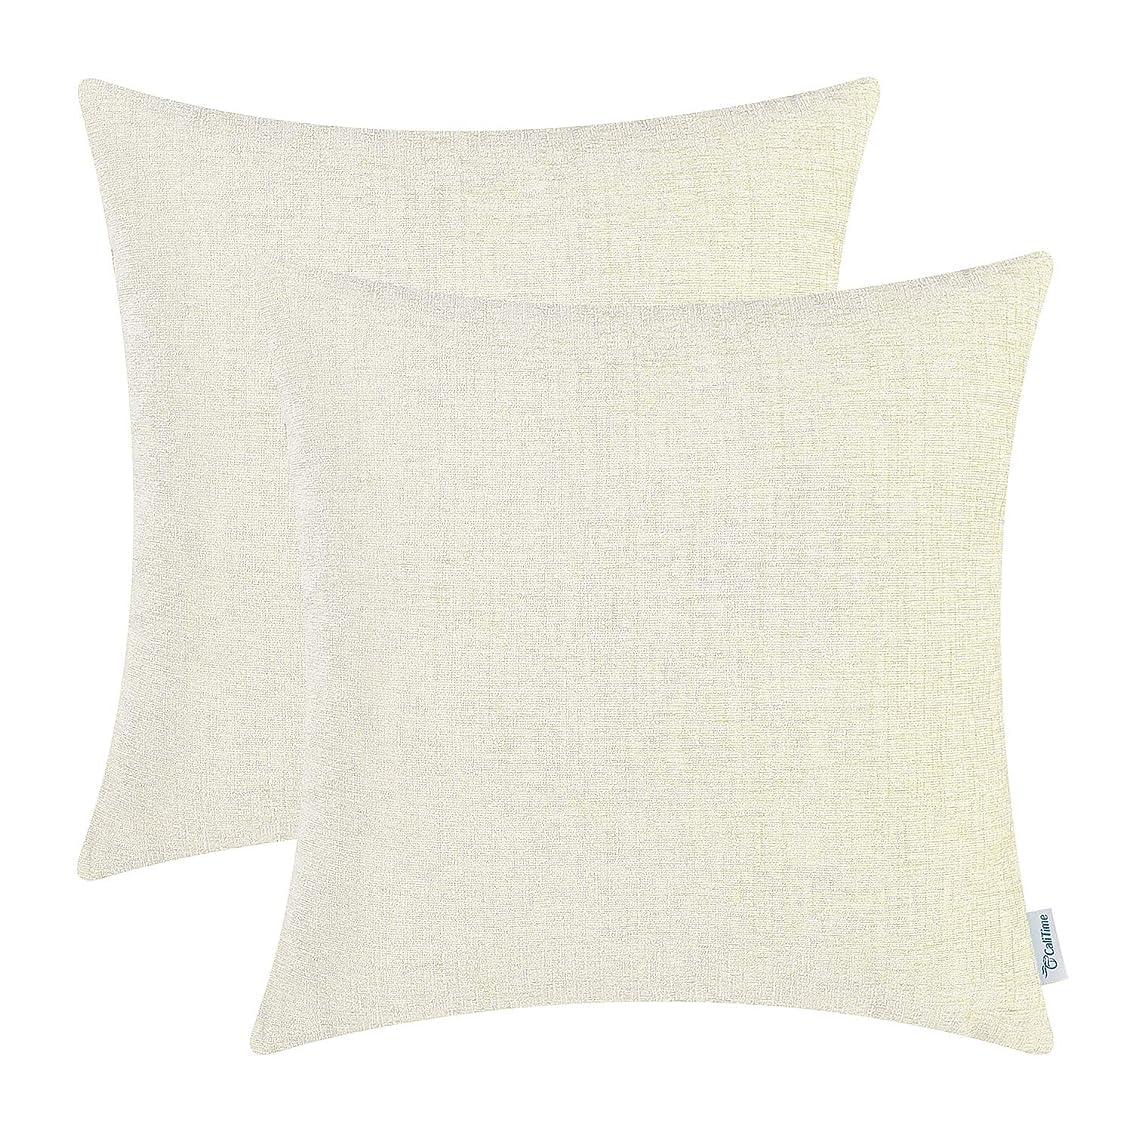 言及するオリエンタルキャロラインCaliTimeパック2のスロー枕カバーケースソファソファホーム装飾、ソリッド染色ソフトChenille、18?x 18インチ 20 X 20 Inches - Pack of 2 ベージュ DSC0367I50-Double